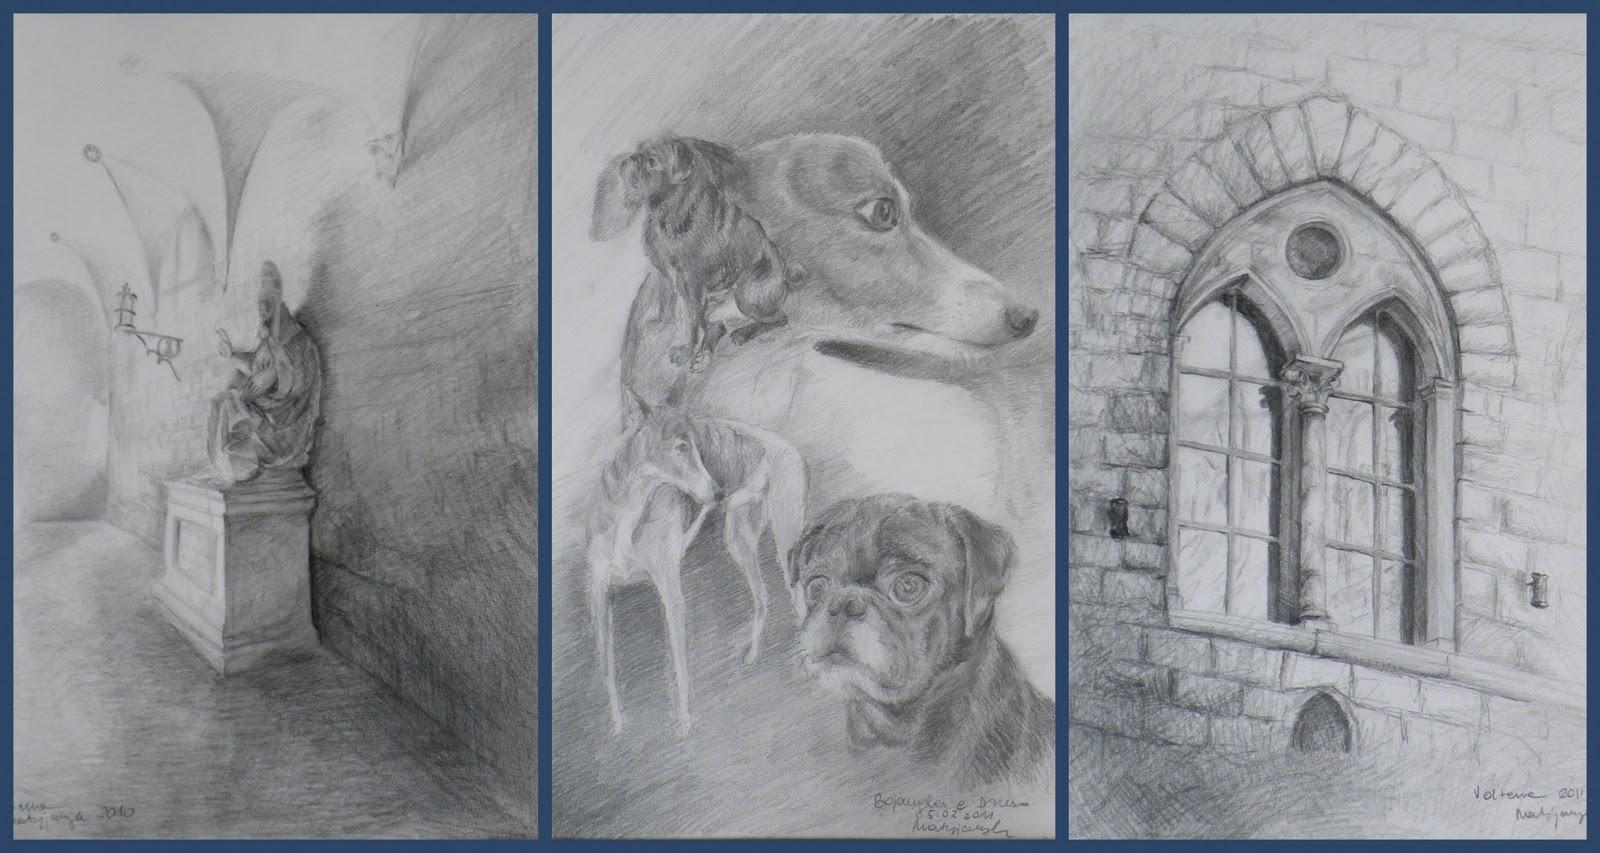 http://2.bp.blogspot.com/_RJDeC9IXCxQ/TUxcYiGk8DI/AAAAAAAAF_Y/W-qVYsJH6kQ/s1600/rysunki.jpg